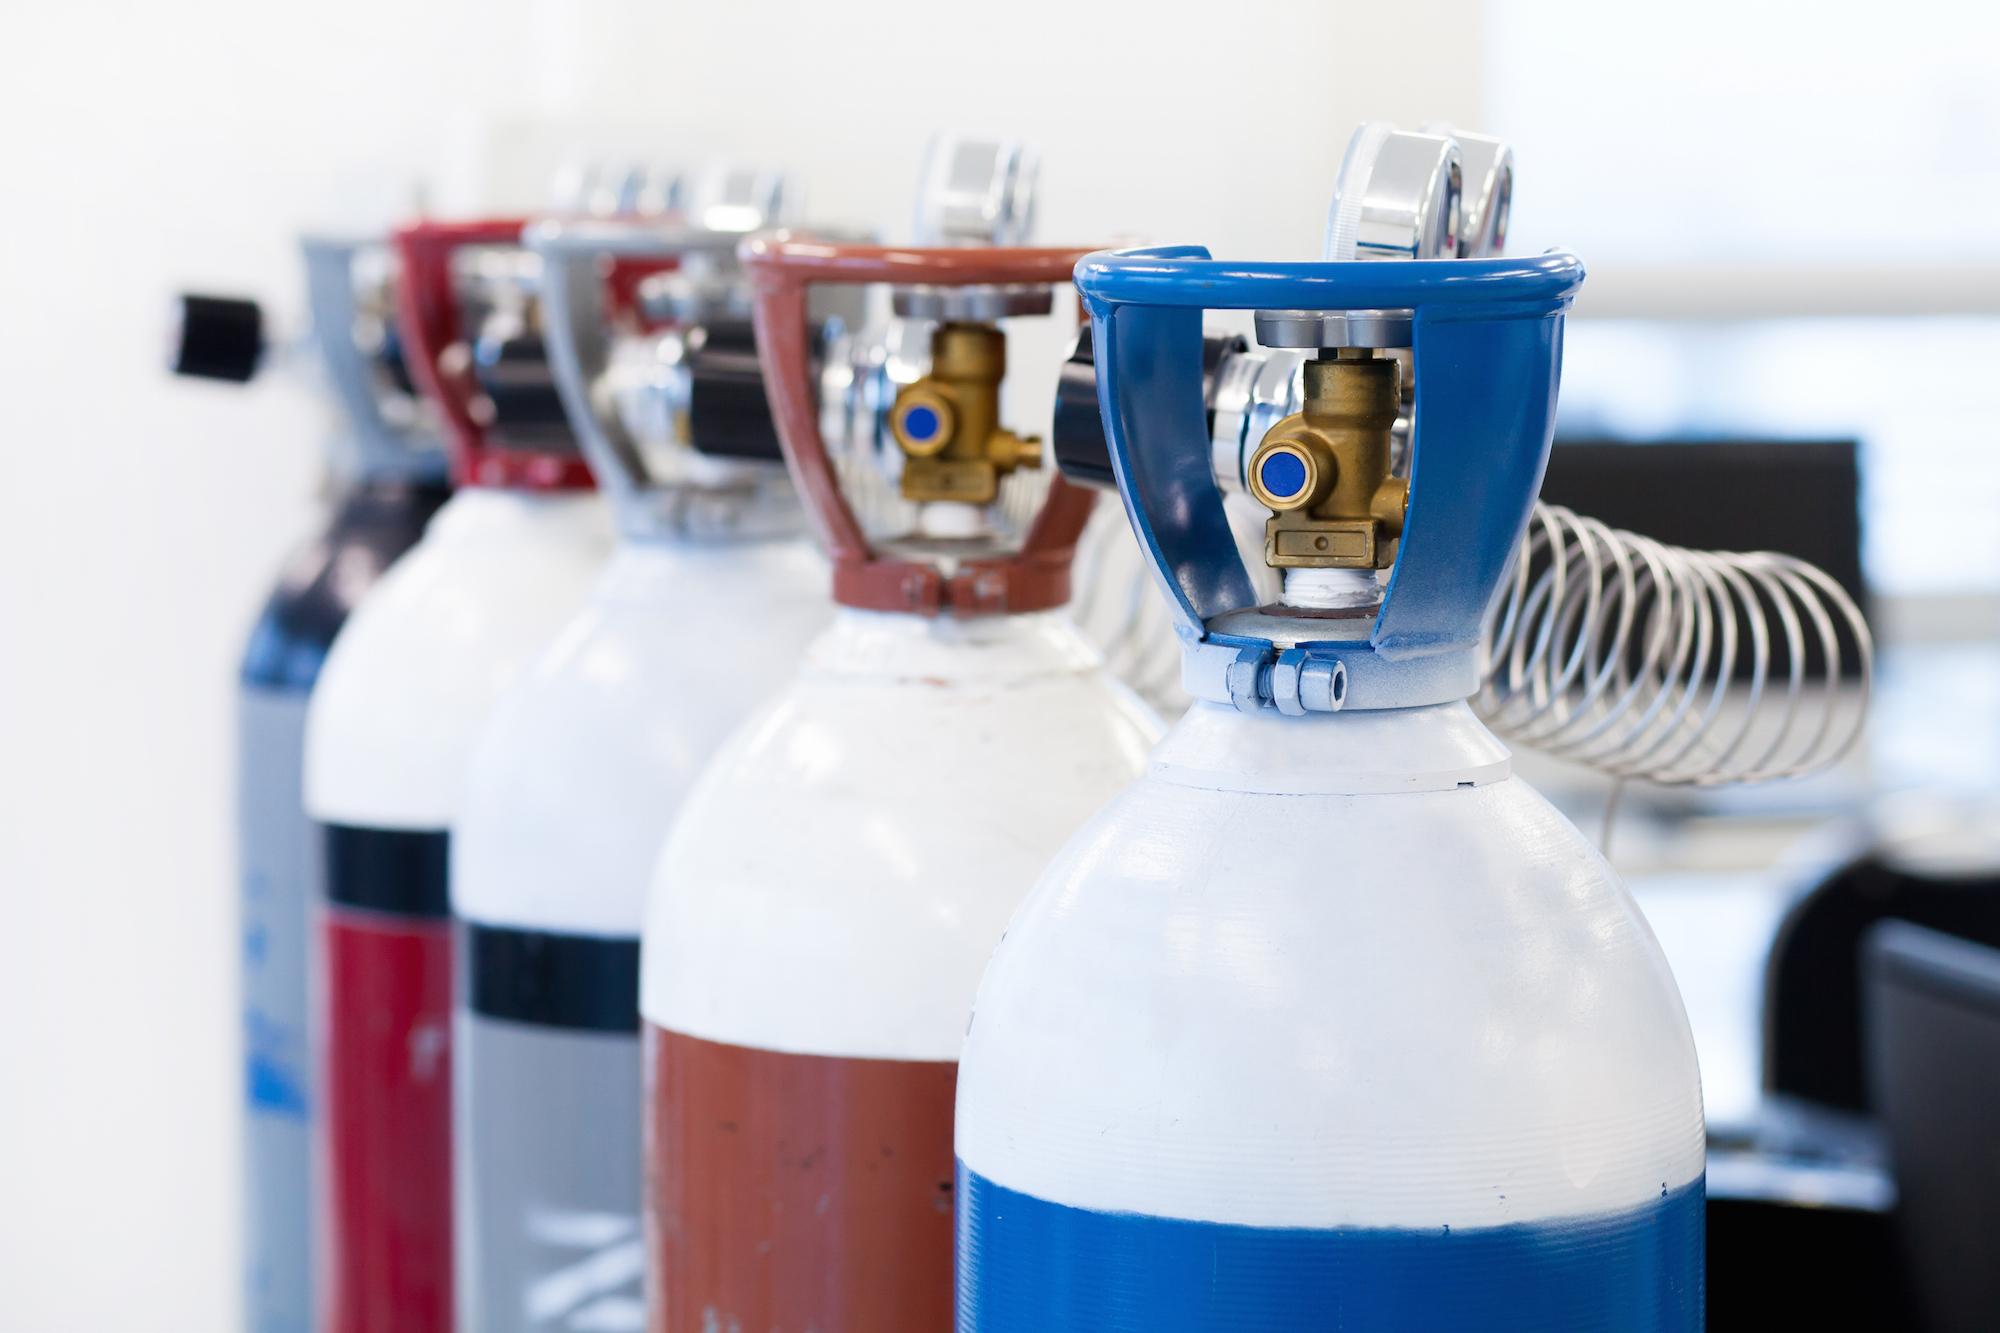 Ar, oxigênio, nitrogênio e argônio-hidrogênio: qual gás escolher para o corte a plasma?